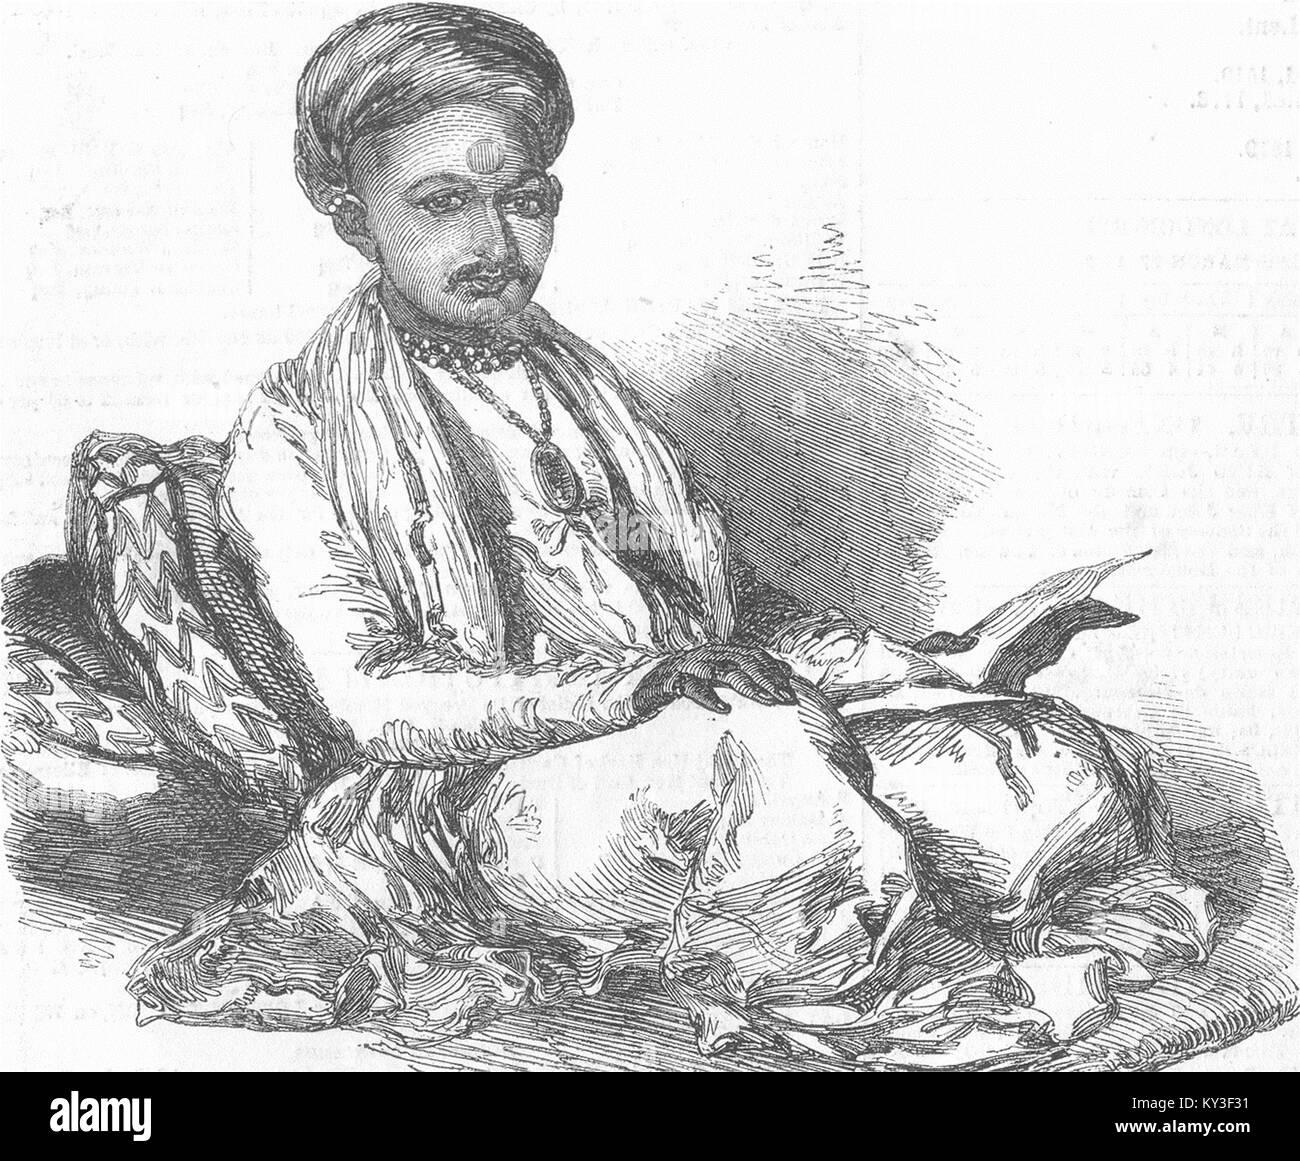 INDIA Mougunbhoy Kumemchund, the Banker of Ahmedabad 1852. The Illustrated London News - Stock Image